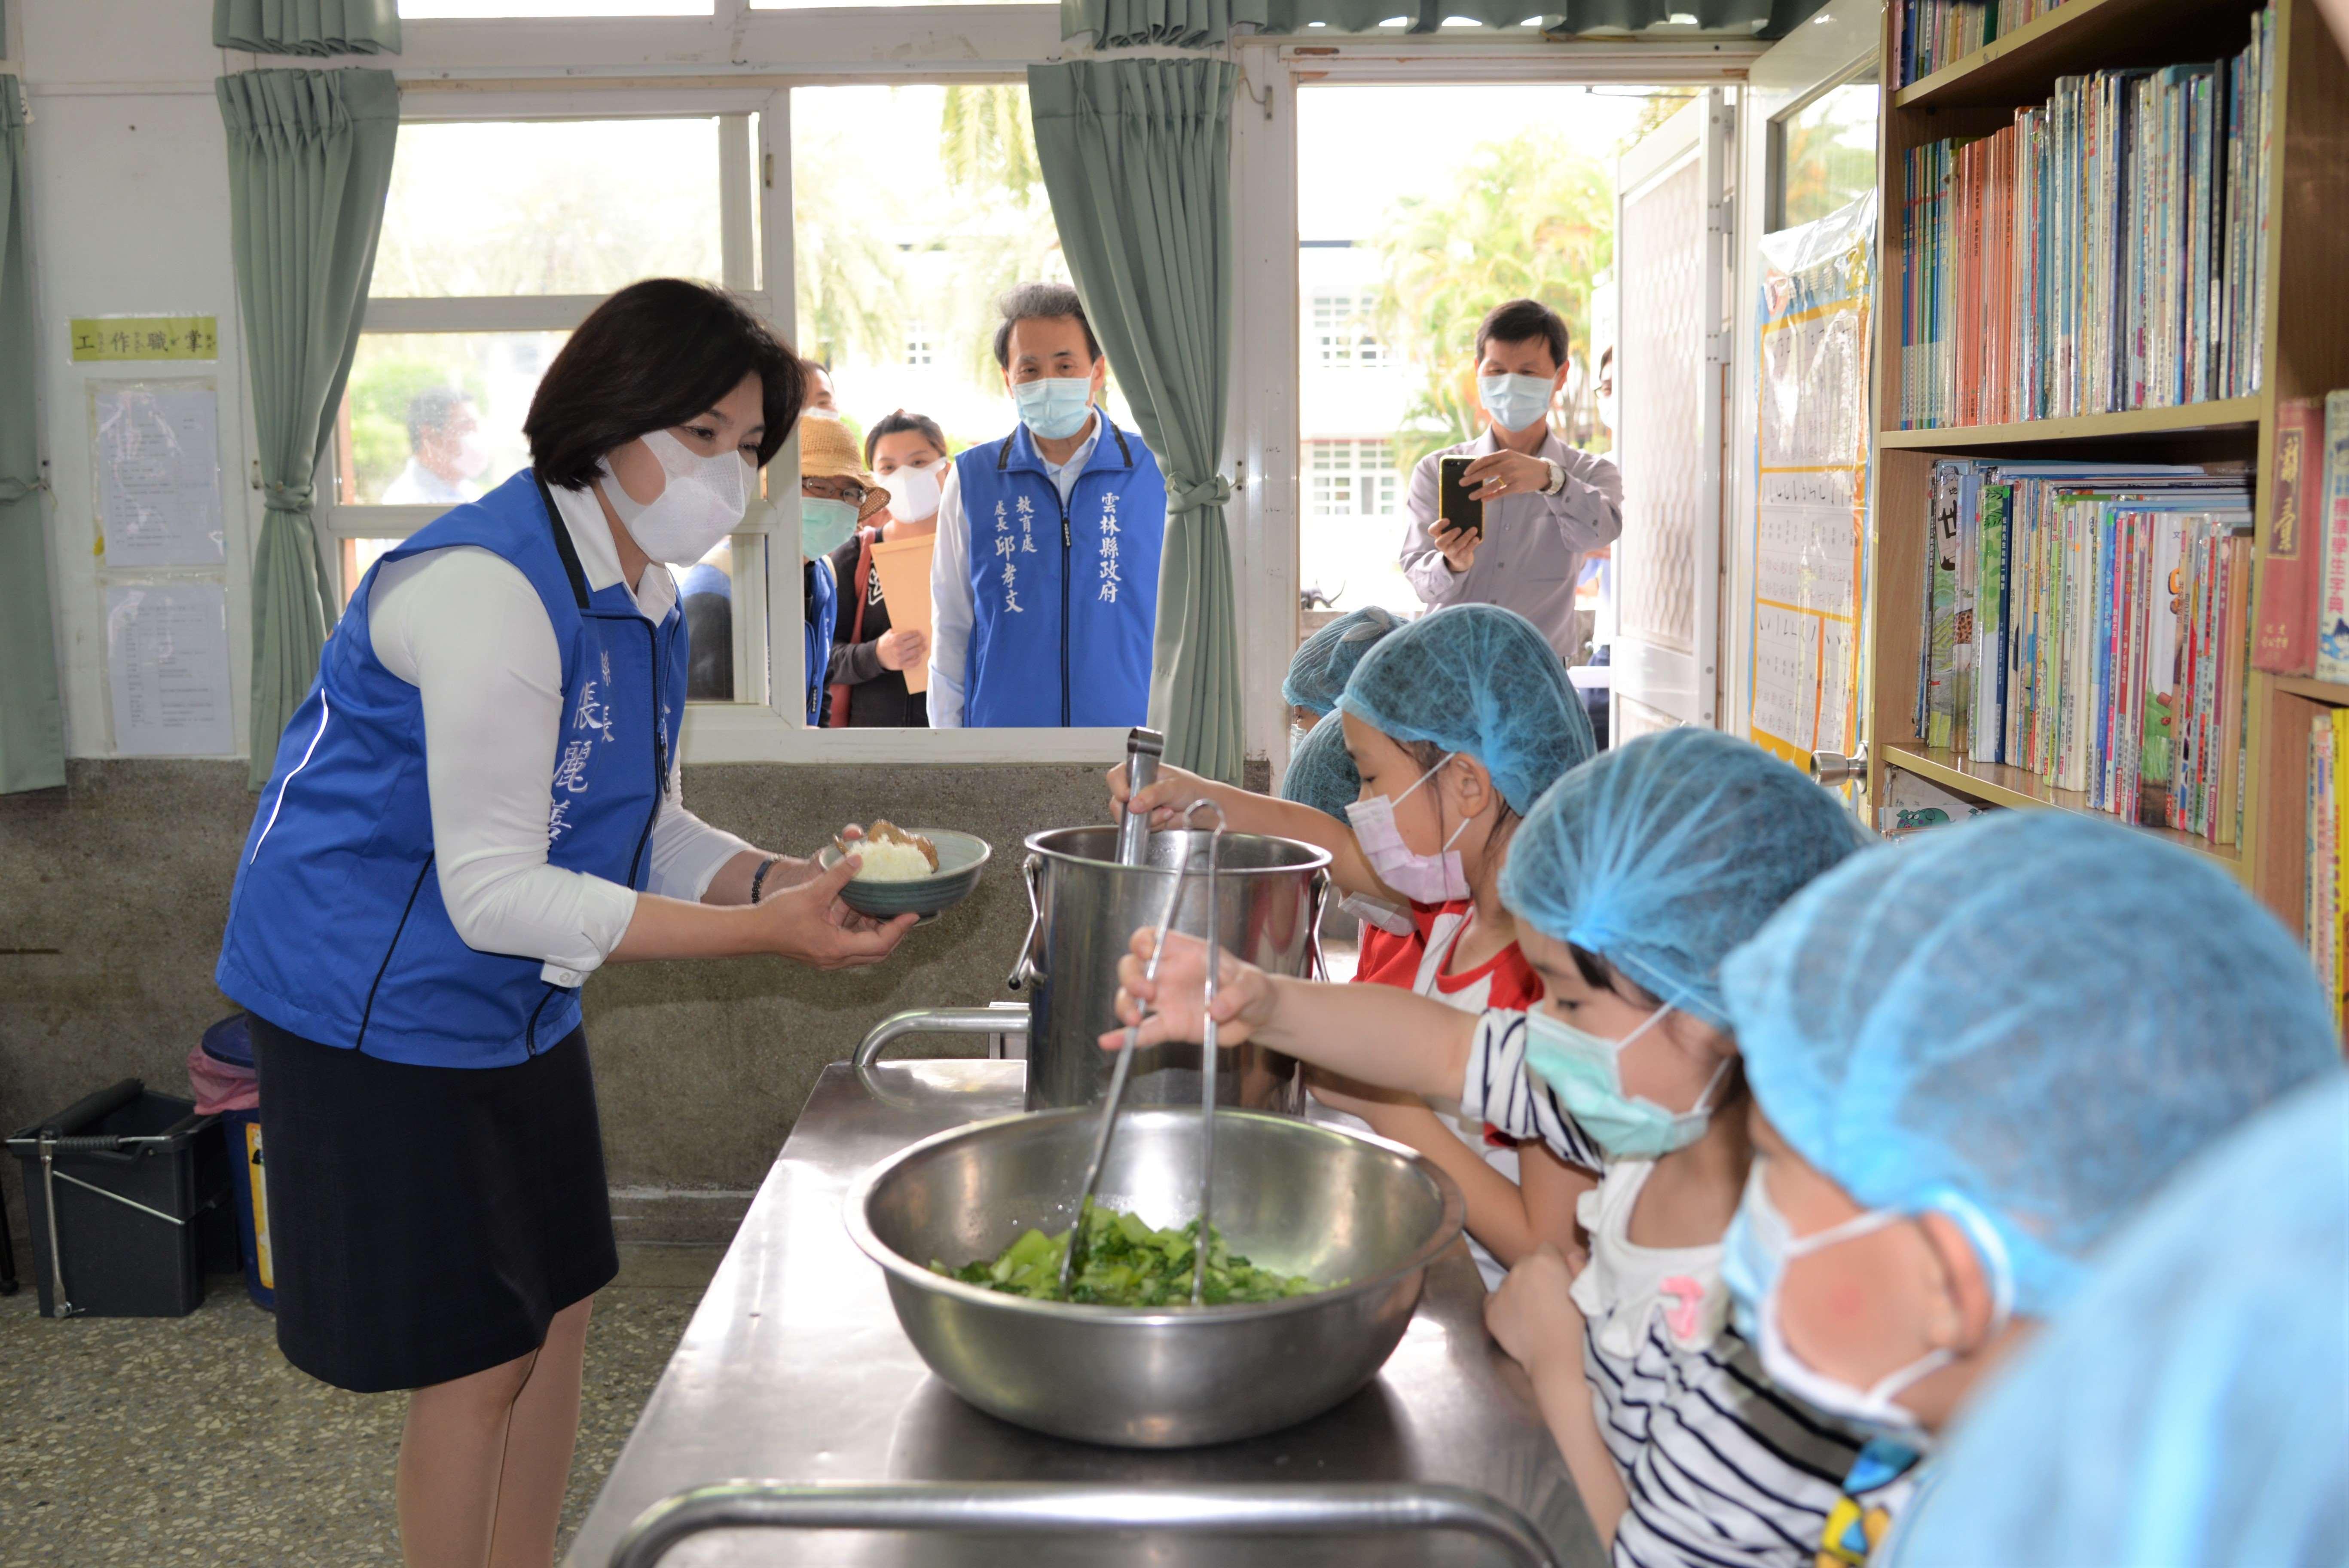 防疫期間,打菜學生按規定戴上口罩及帽子